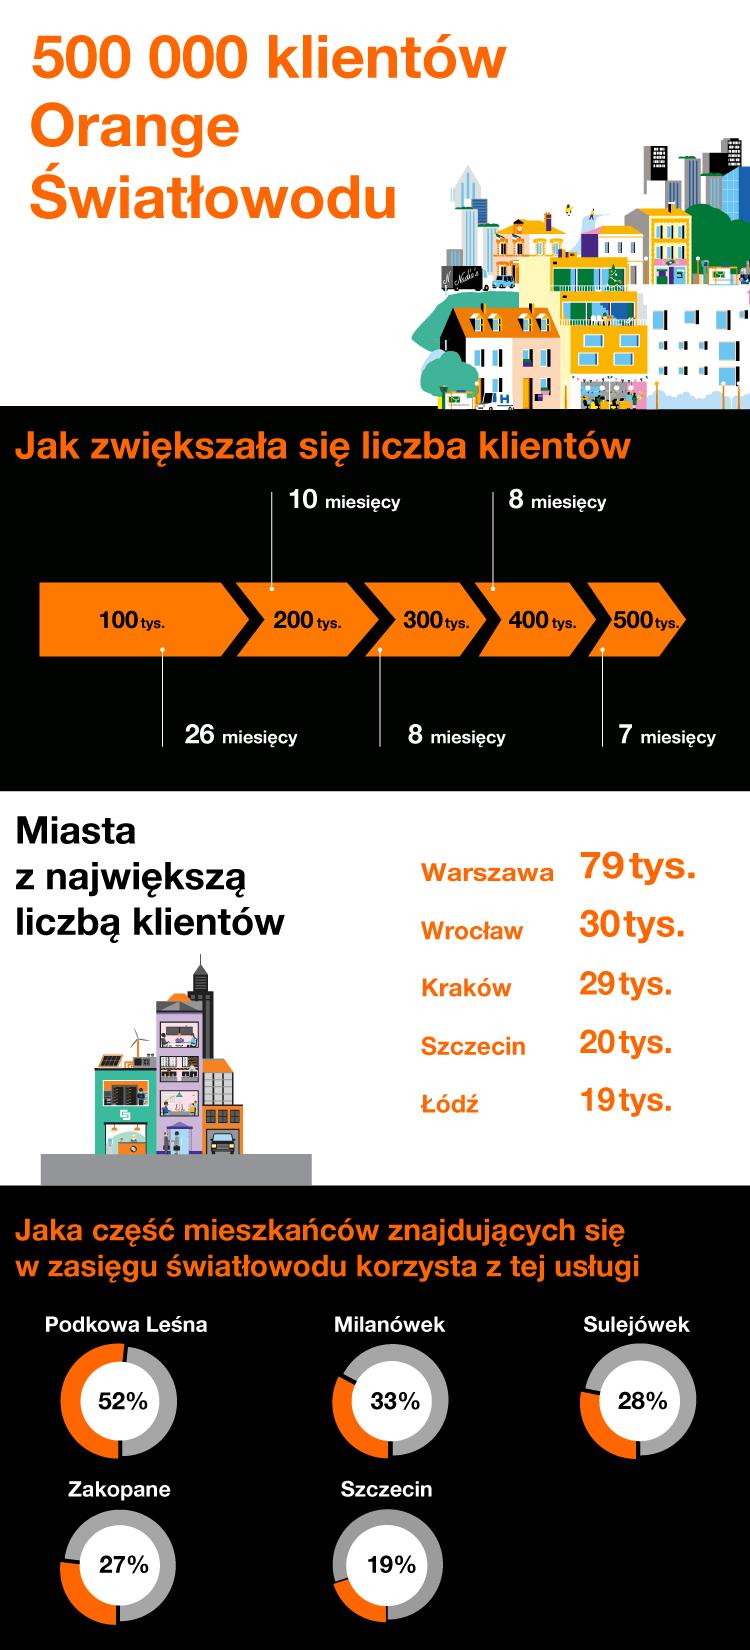 Infografika: 500 ty. klientów Orange Światłowodu